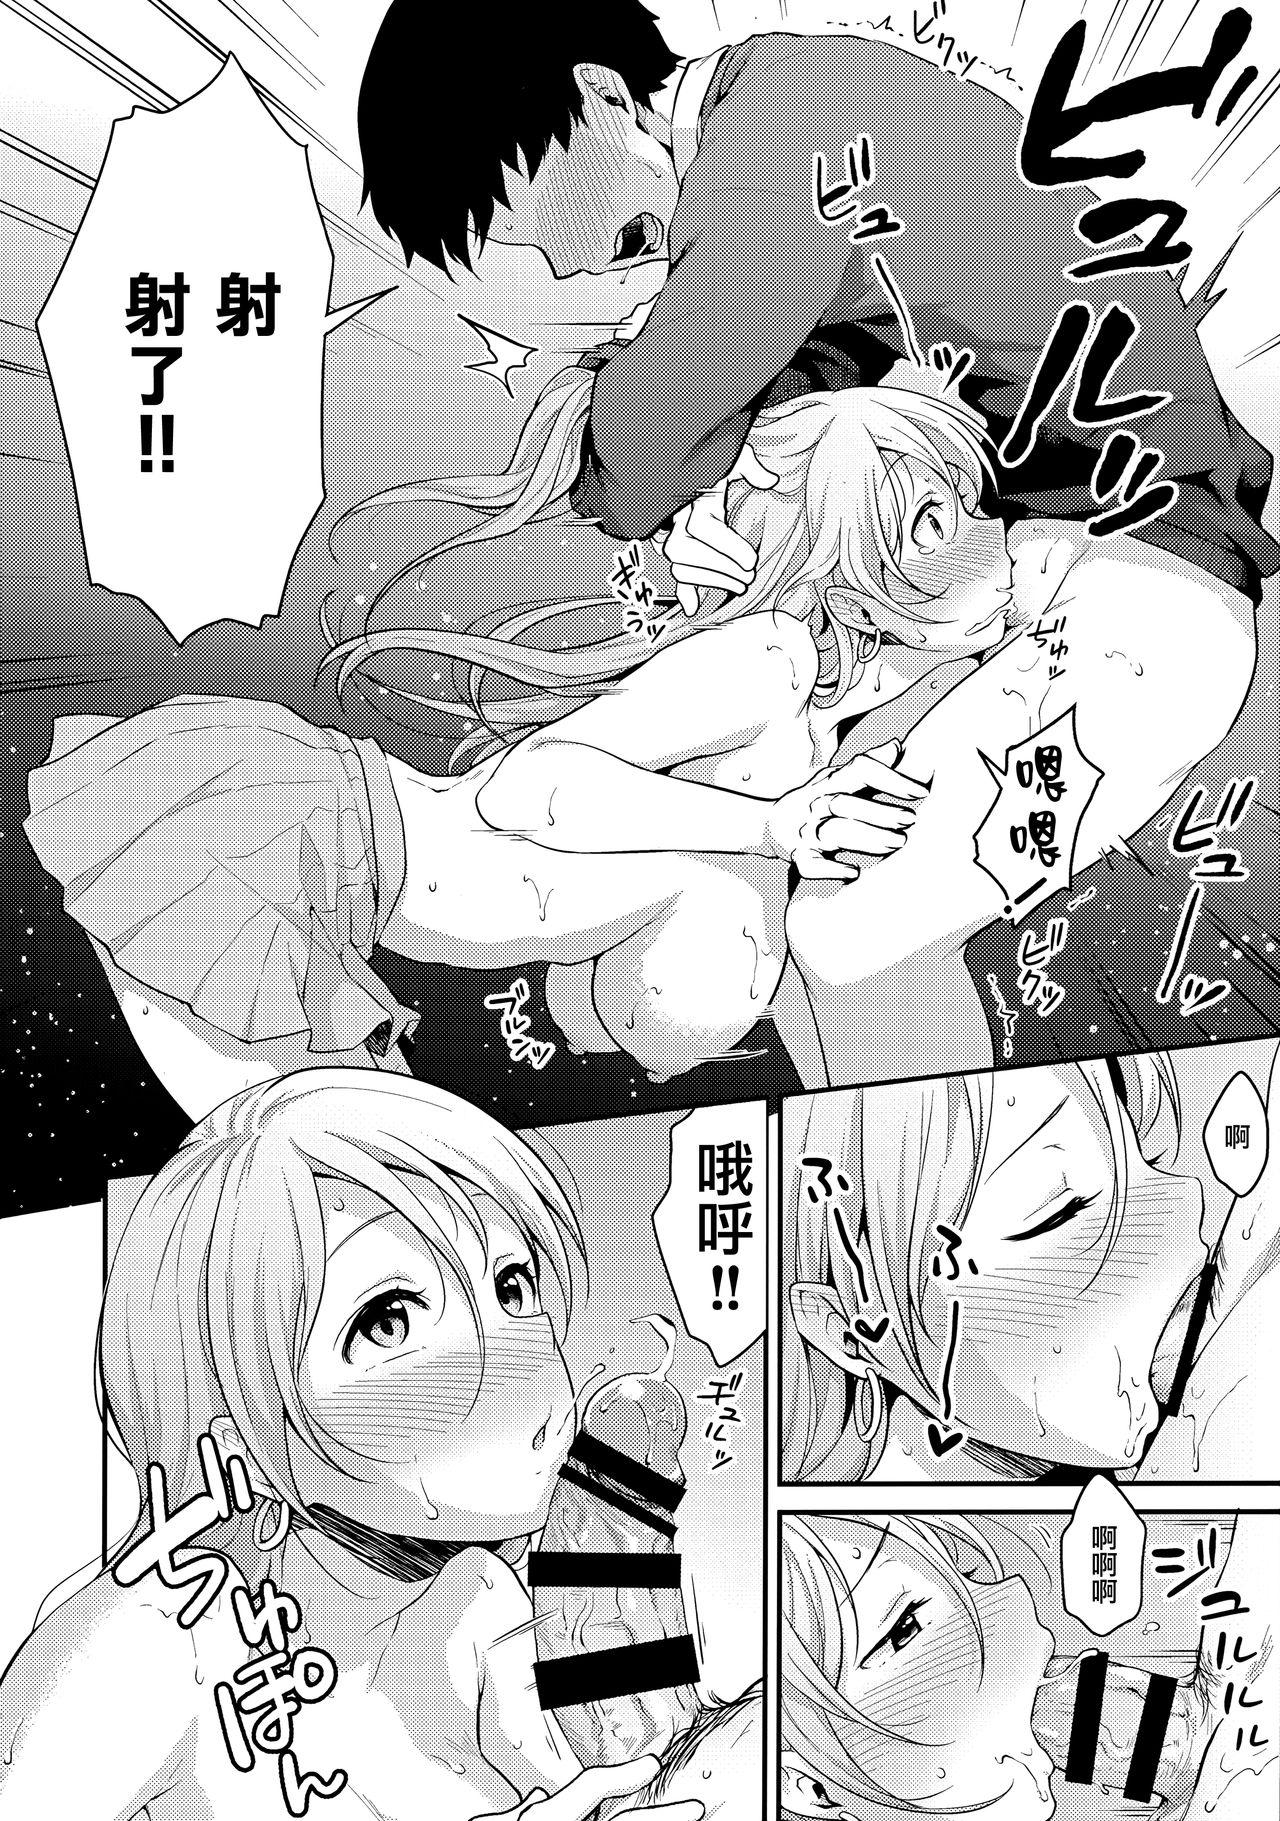 Onizuka-san Panty Wasureru 17